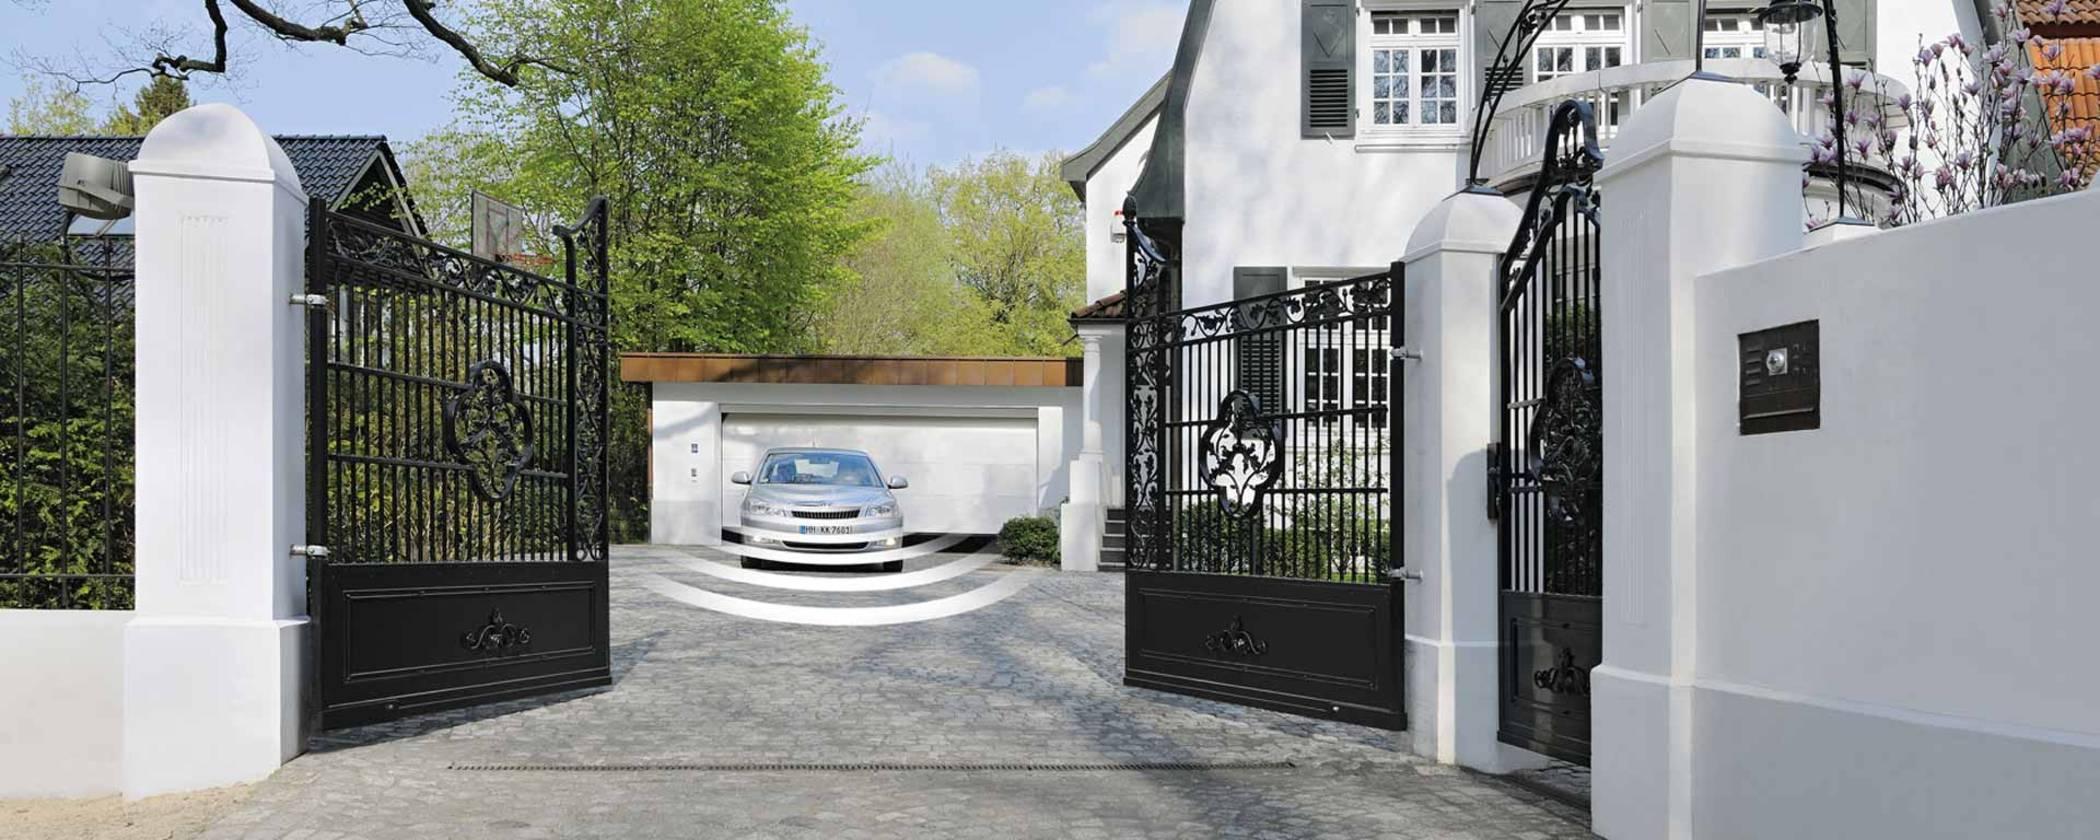 Einfahrtstor Antrieb elektrisch mit Fernbedienung von Hörmann Hannover